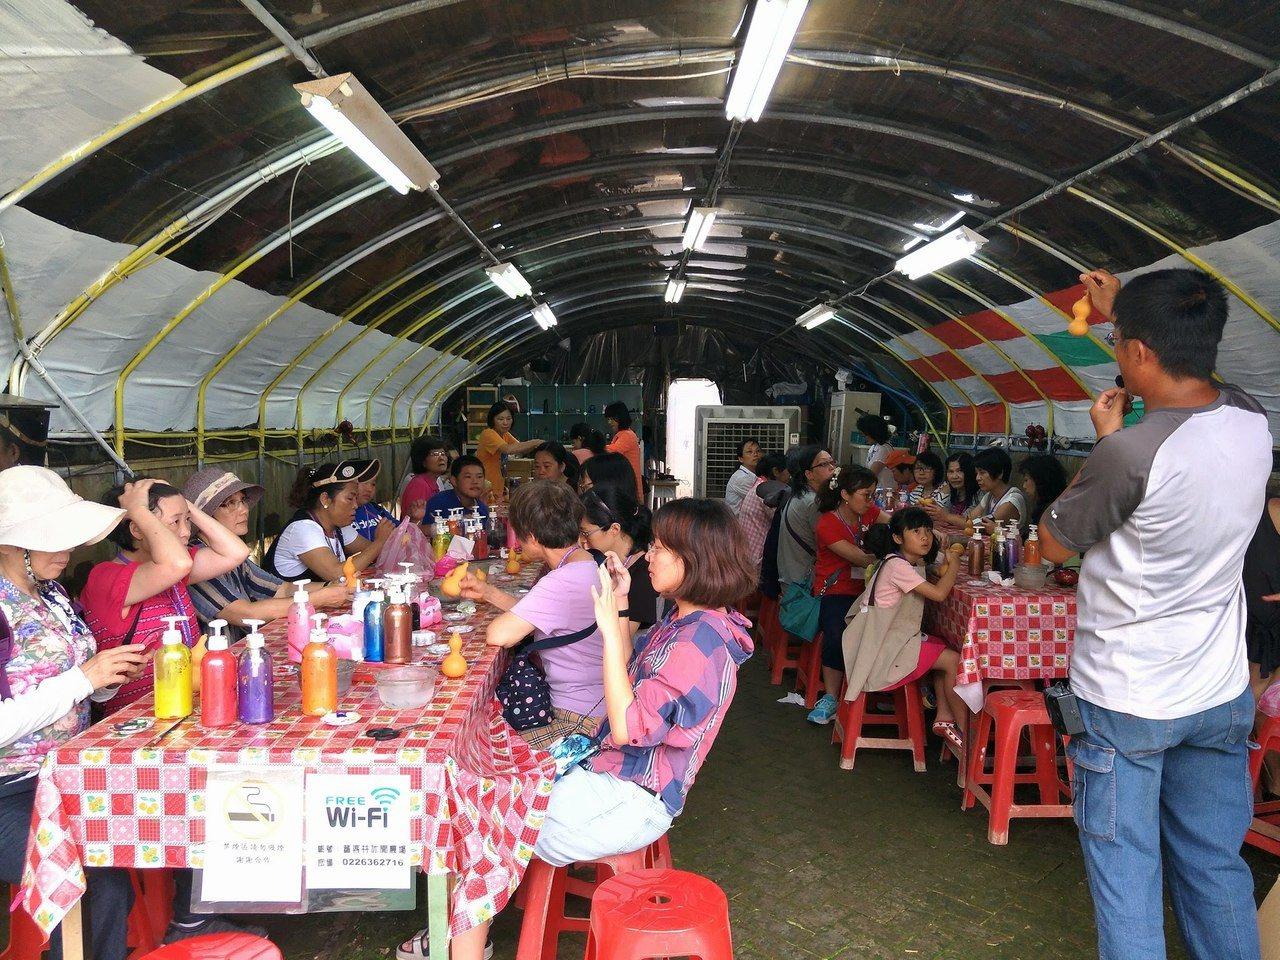 蕃婆林休閒農場提供DIY活動。圖/蕃婆林休閒農場提供